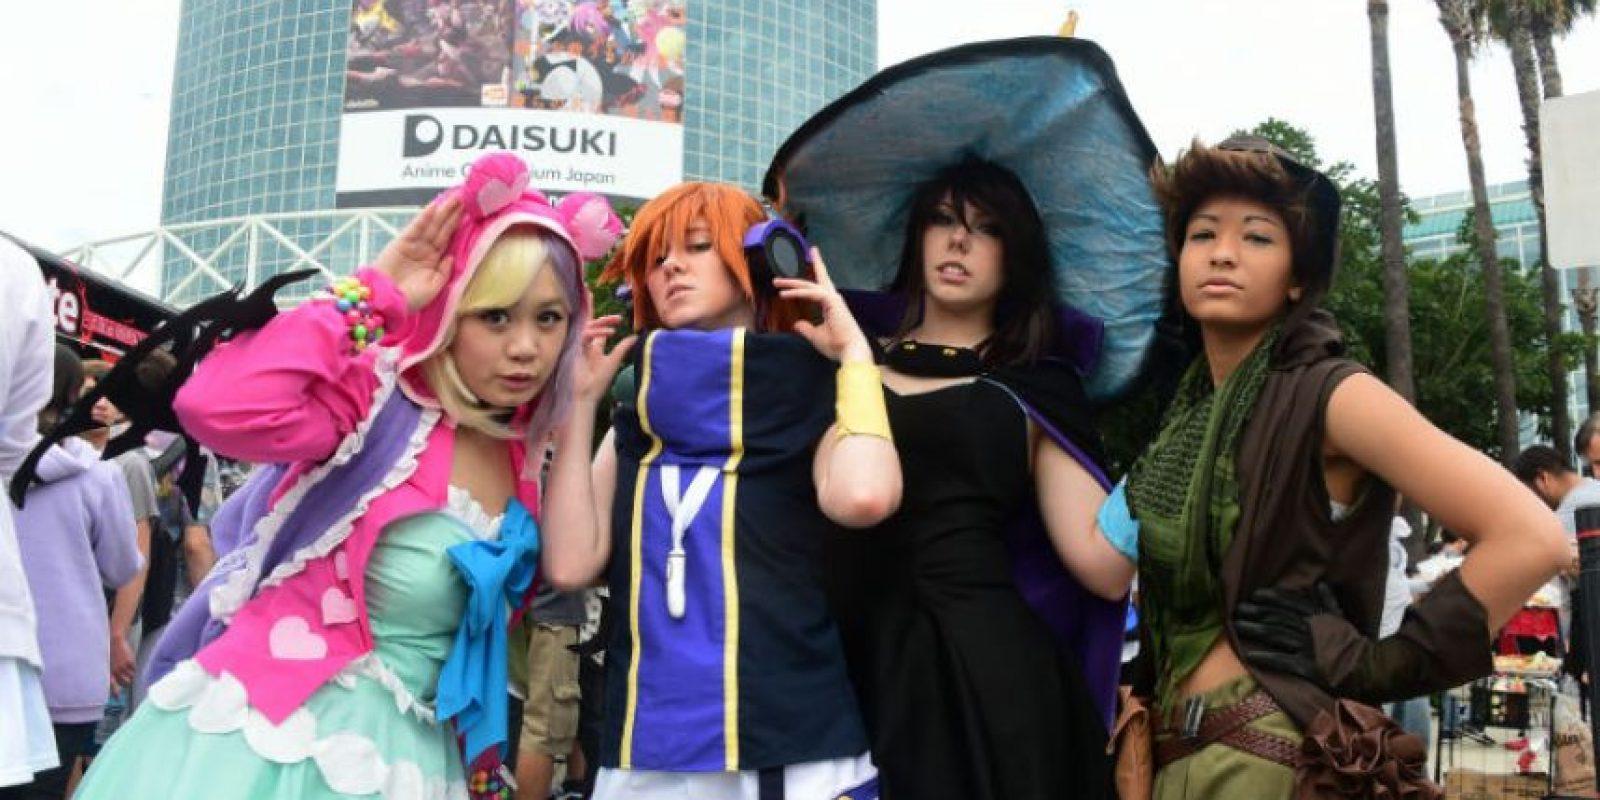 Cientos de personas se han dado cita en la Anime Expo de Los Ángeles. Foto:AFP